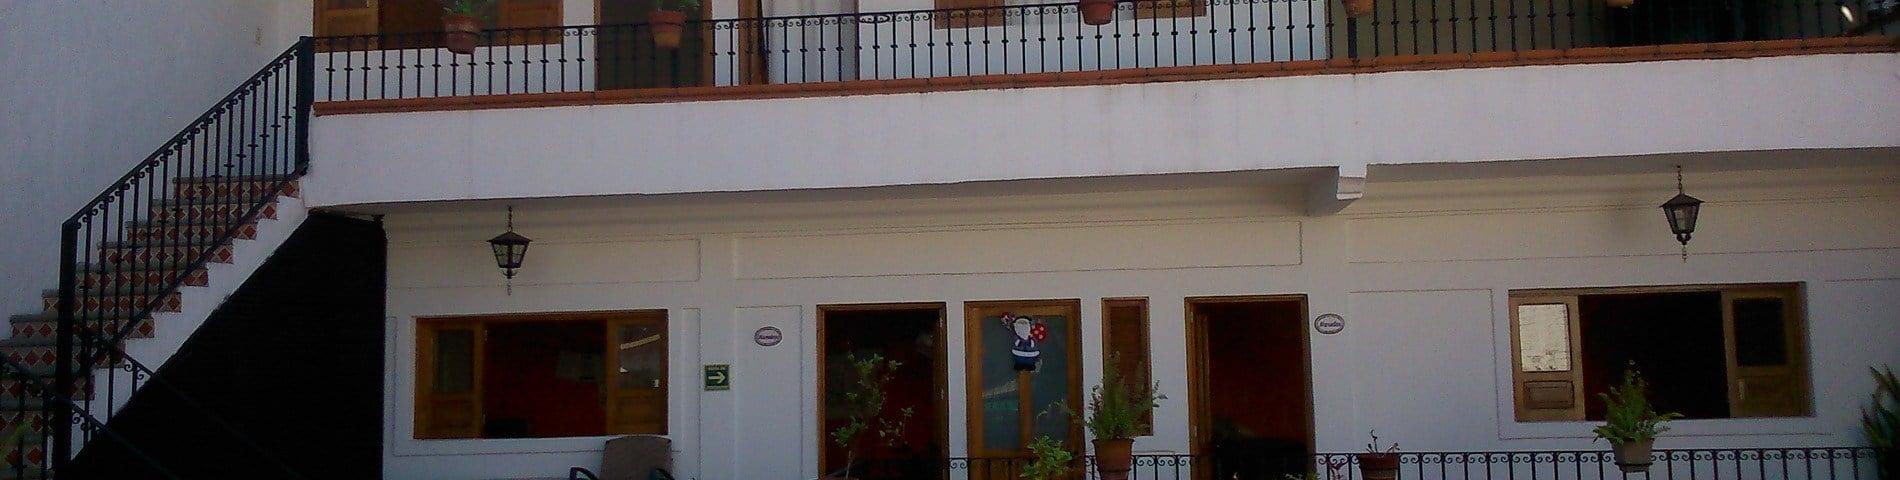 Spanish Experience Center obrazek 1